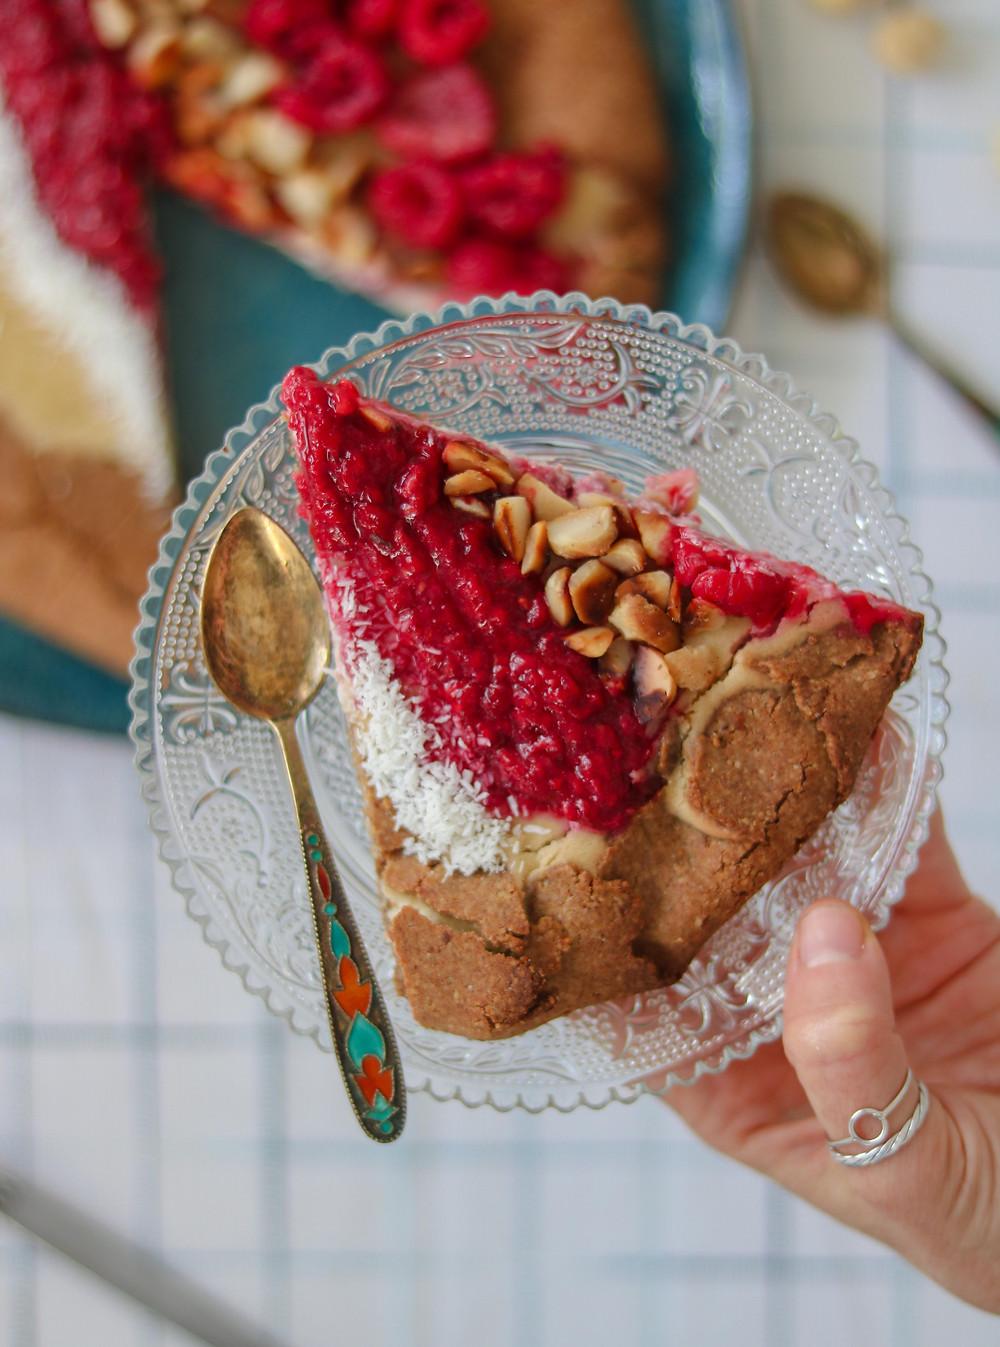 גאלט מבצק פריך ללא גלוטן טבעוני במילוי ממרח מקדמיה פירות יער וקוקוס